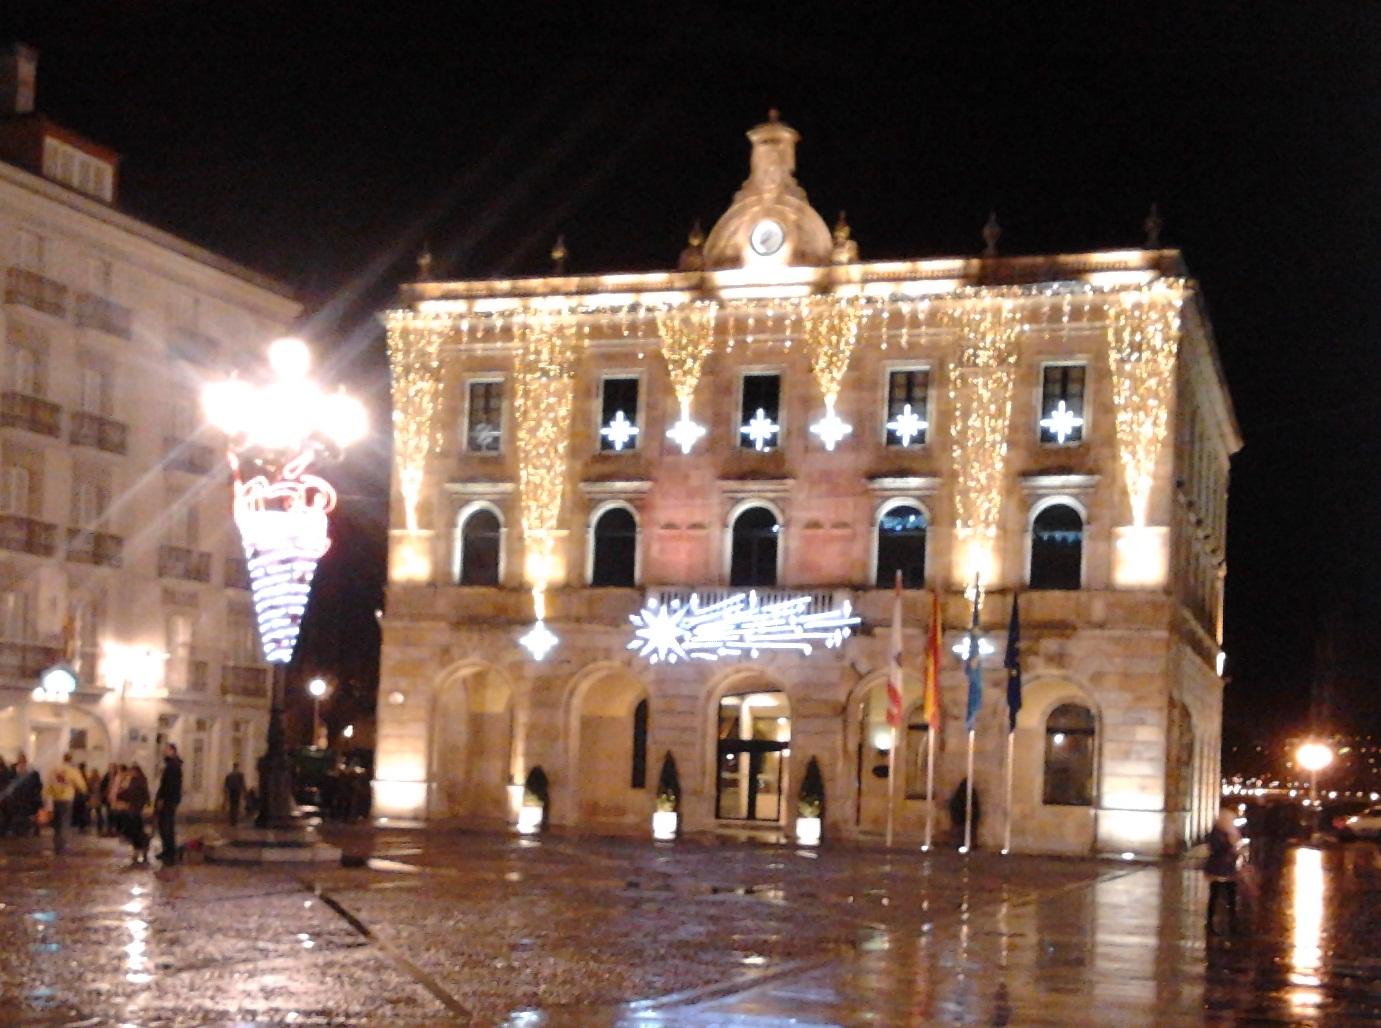 navidad en gijon 2 Christmas in Gijón